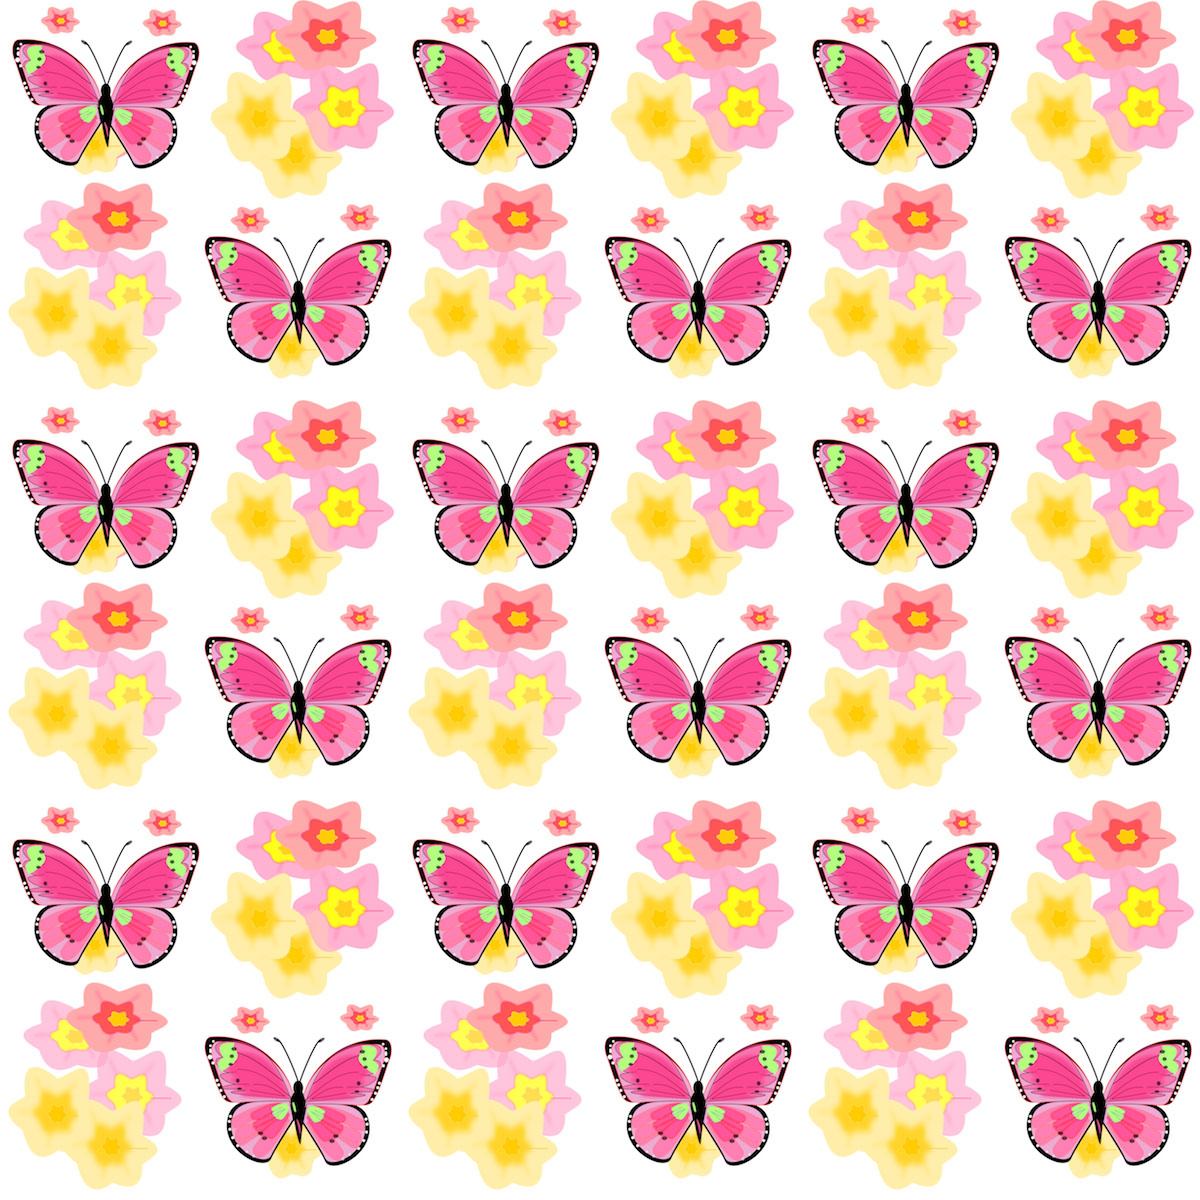 BUTTERFLY DIGITAL PAPER,Seamless Pattern,Scrapbook Paper,Butterfly Pattern butterfly art,Paper Pack,Girly Digital Paper,Digital Backdrop